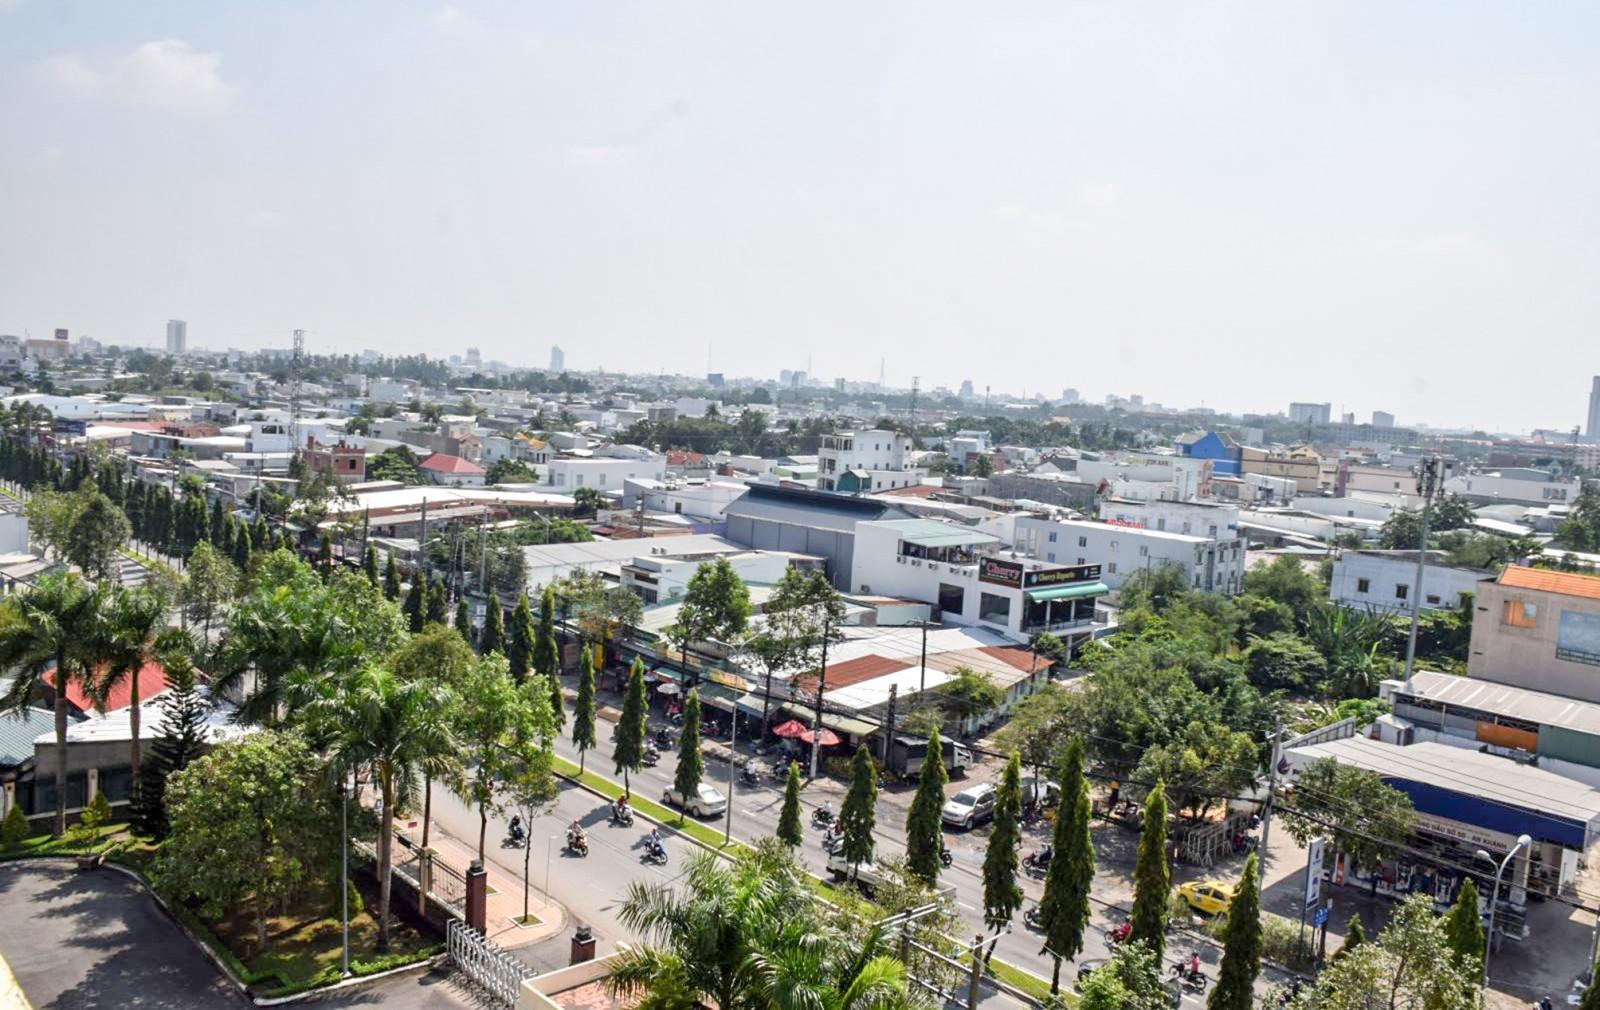 Quản lý hiệu quả đất đai, góp phần phát triển kinh tế - xã hội thành phố. Trong ảnh: Một góc đô thị Cần Thơ. Ảnh: T. TRINH